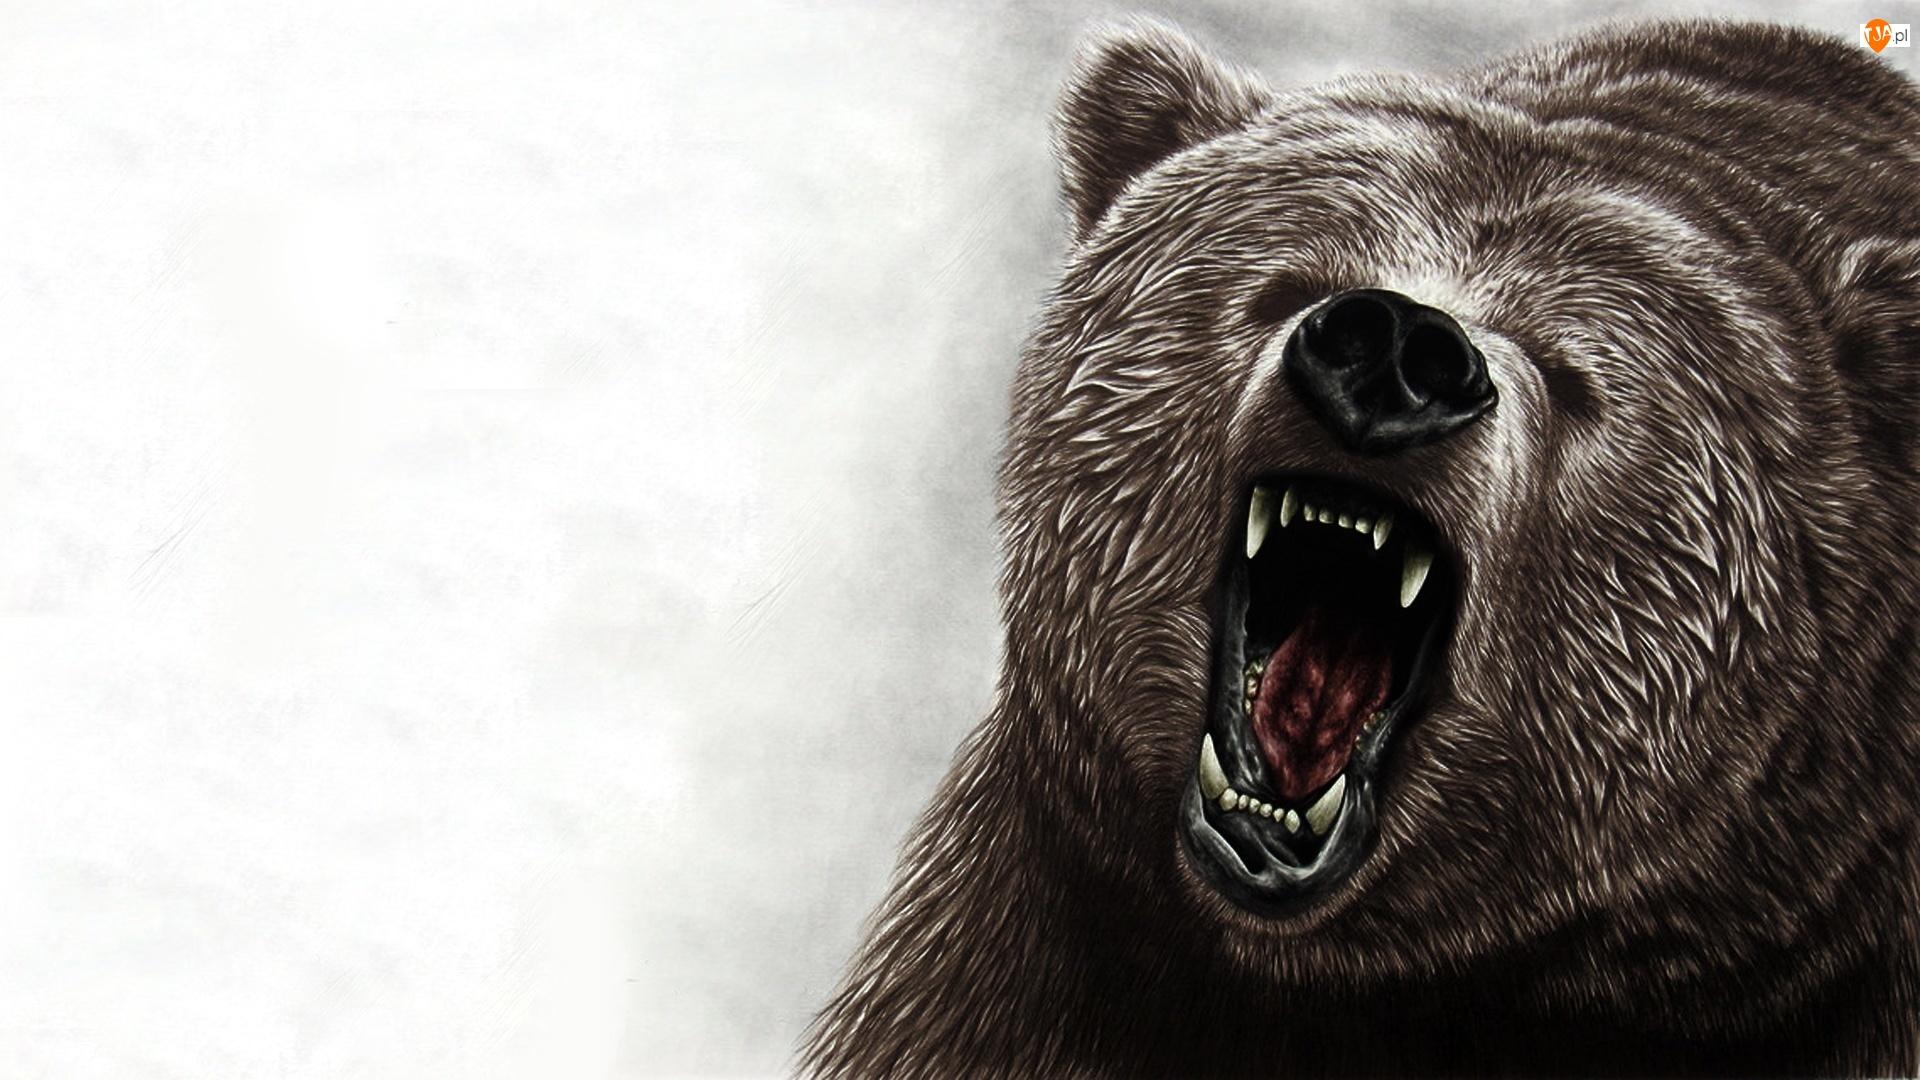 эндоскопическое картинки компьютерные морды медведя уже так всё